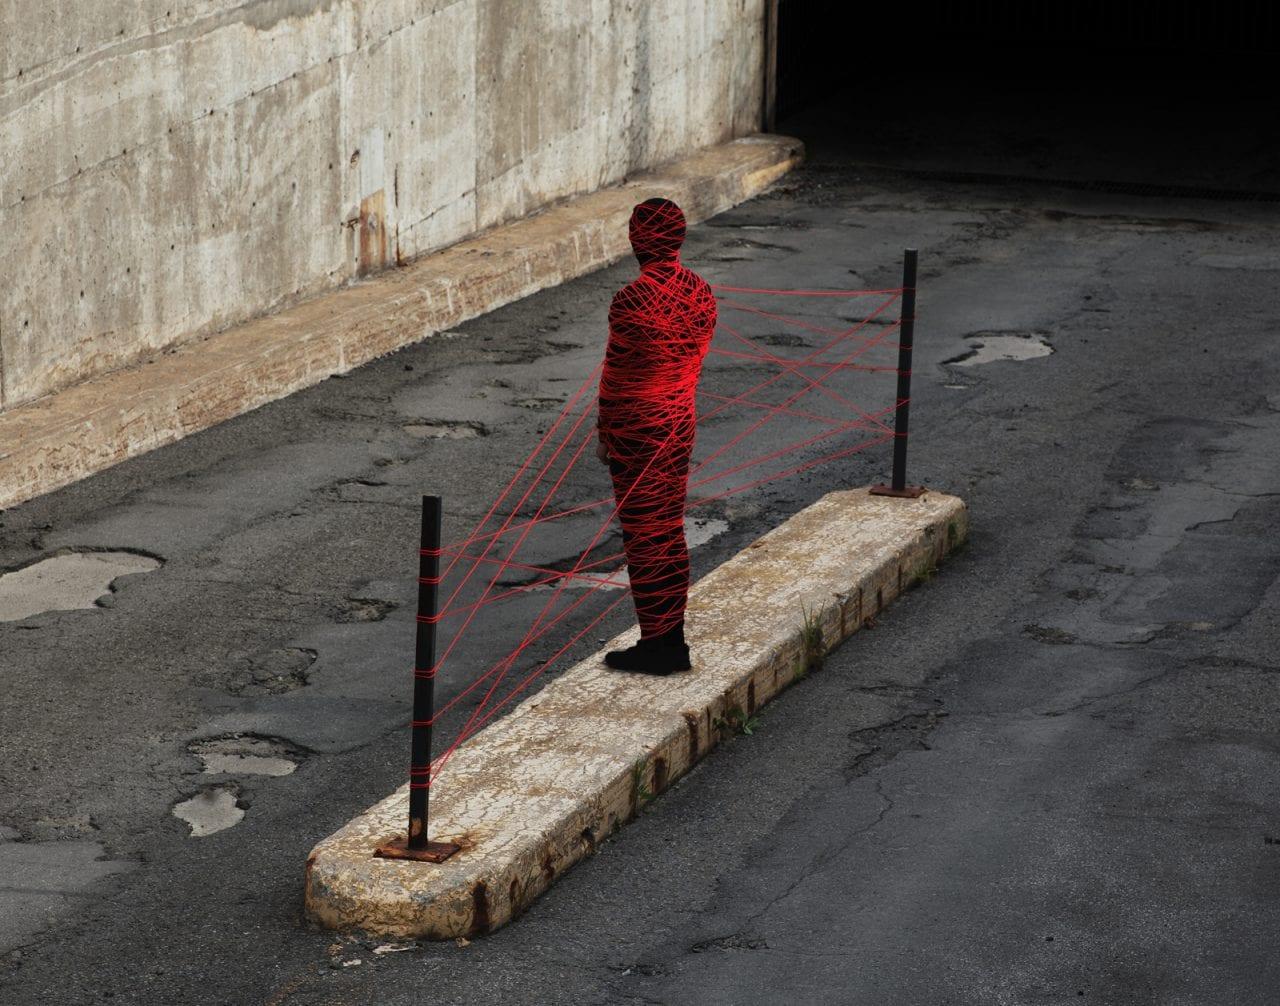 Untitled (Red Thread), Sean Mundy